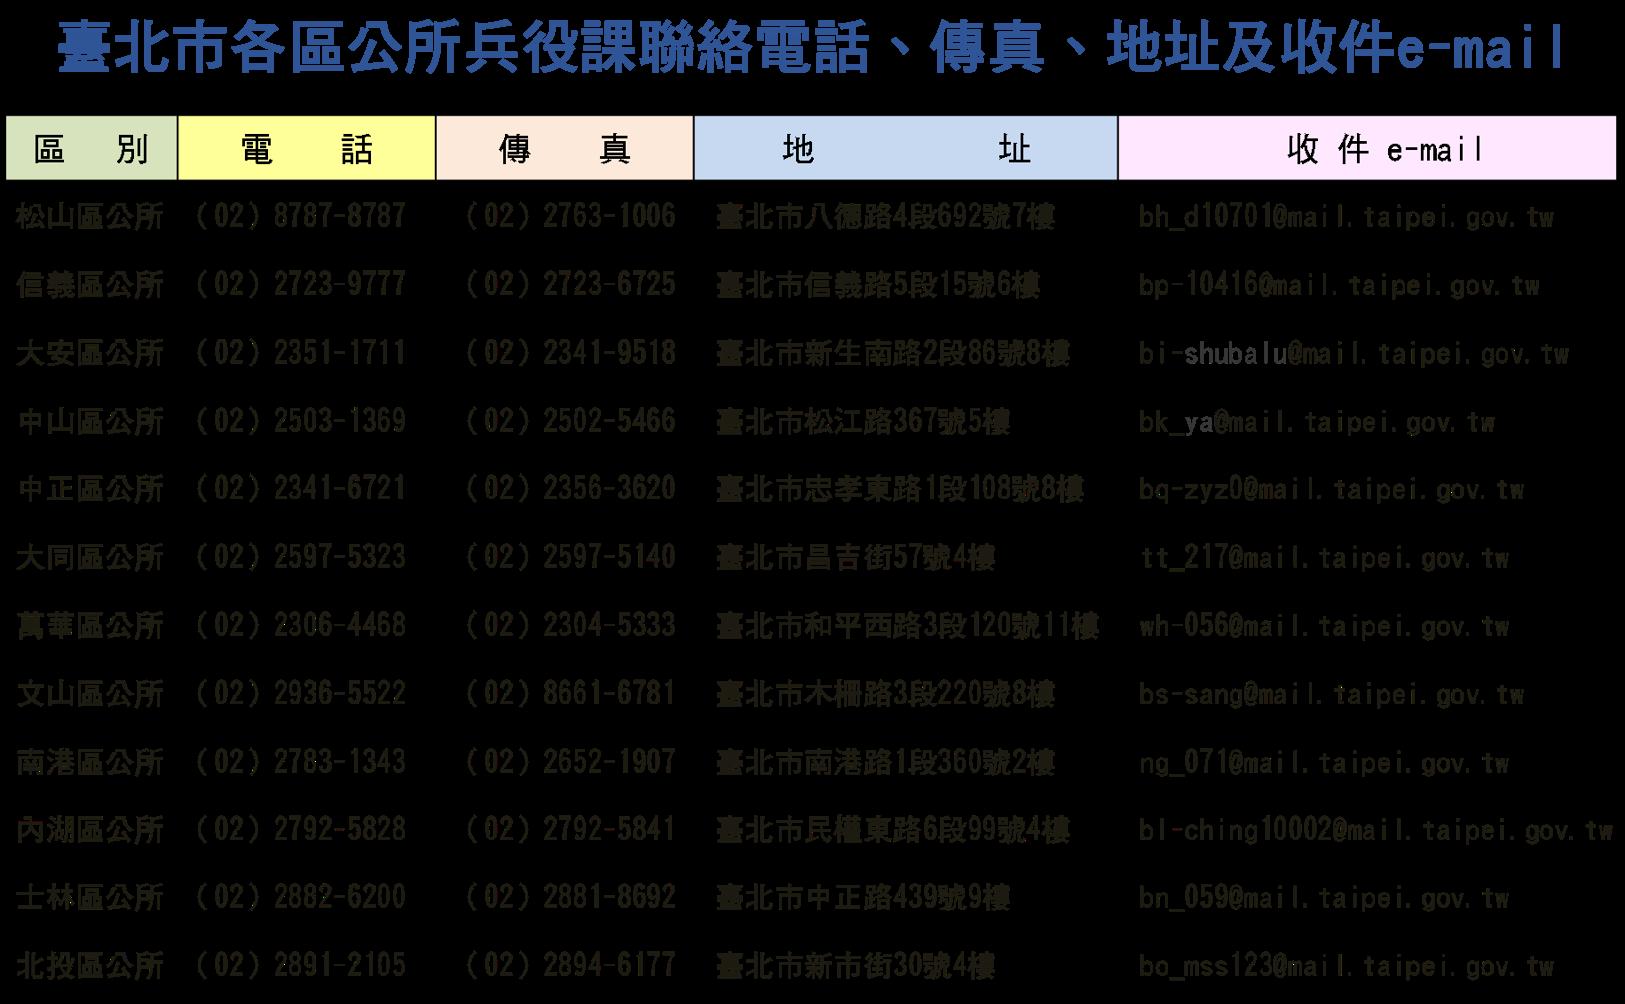 臺北市各區公所連絡通訊圖